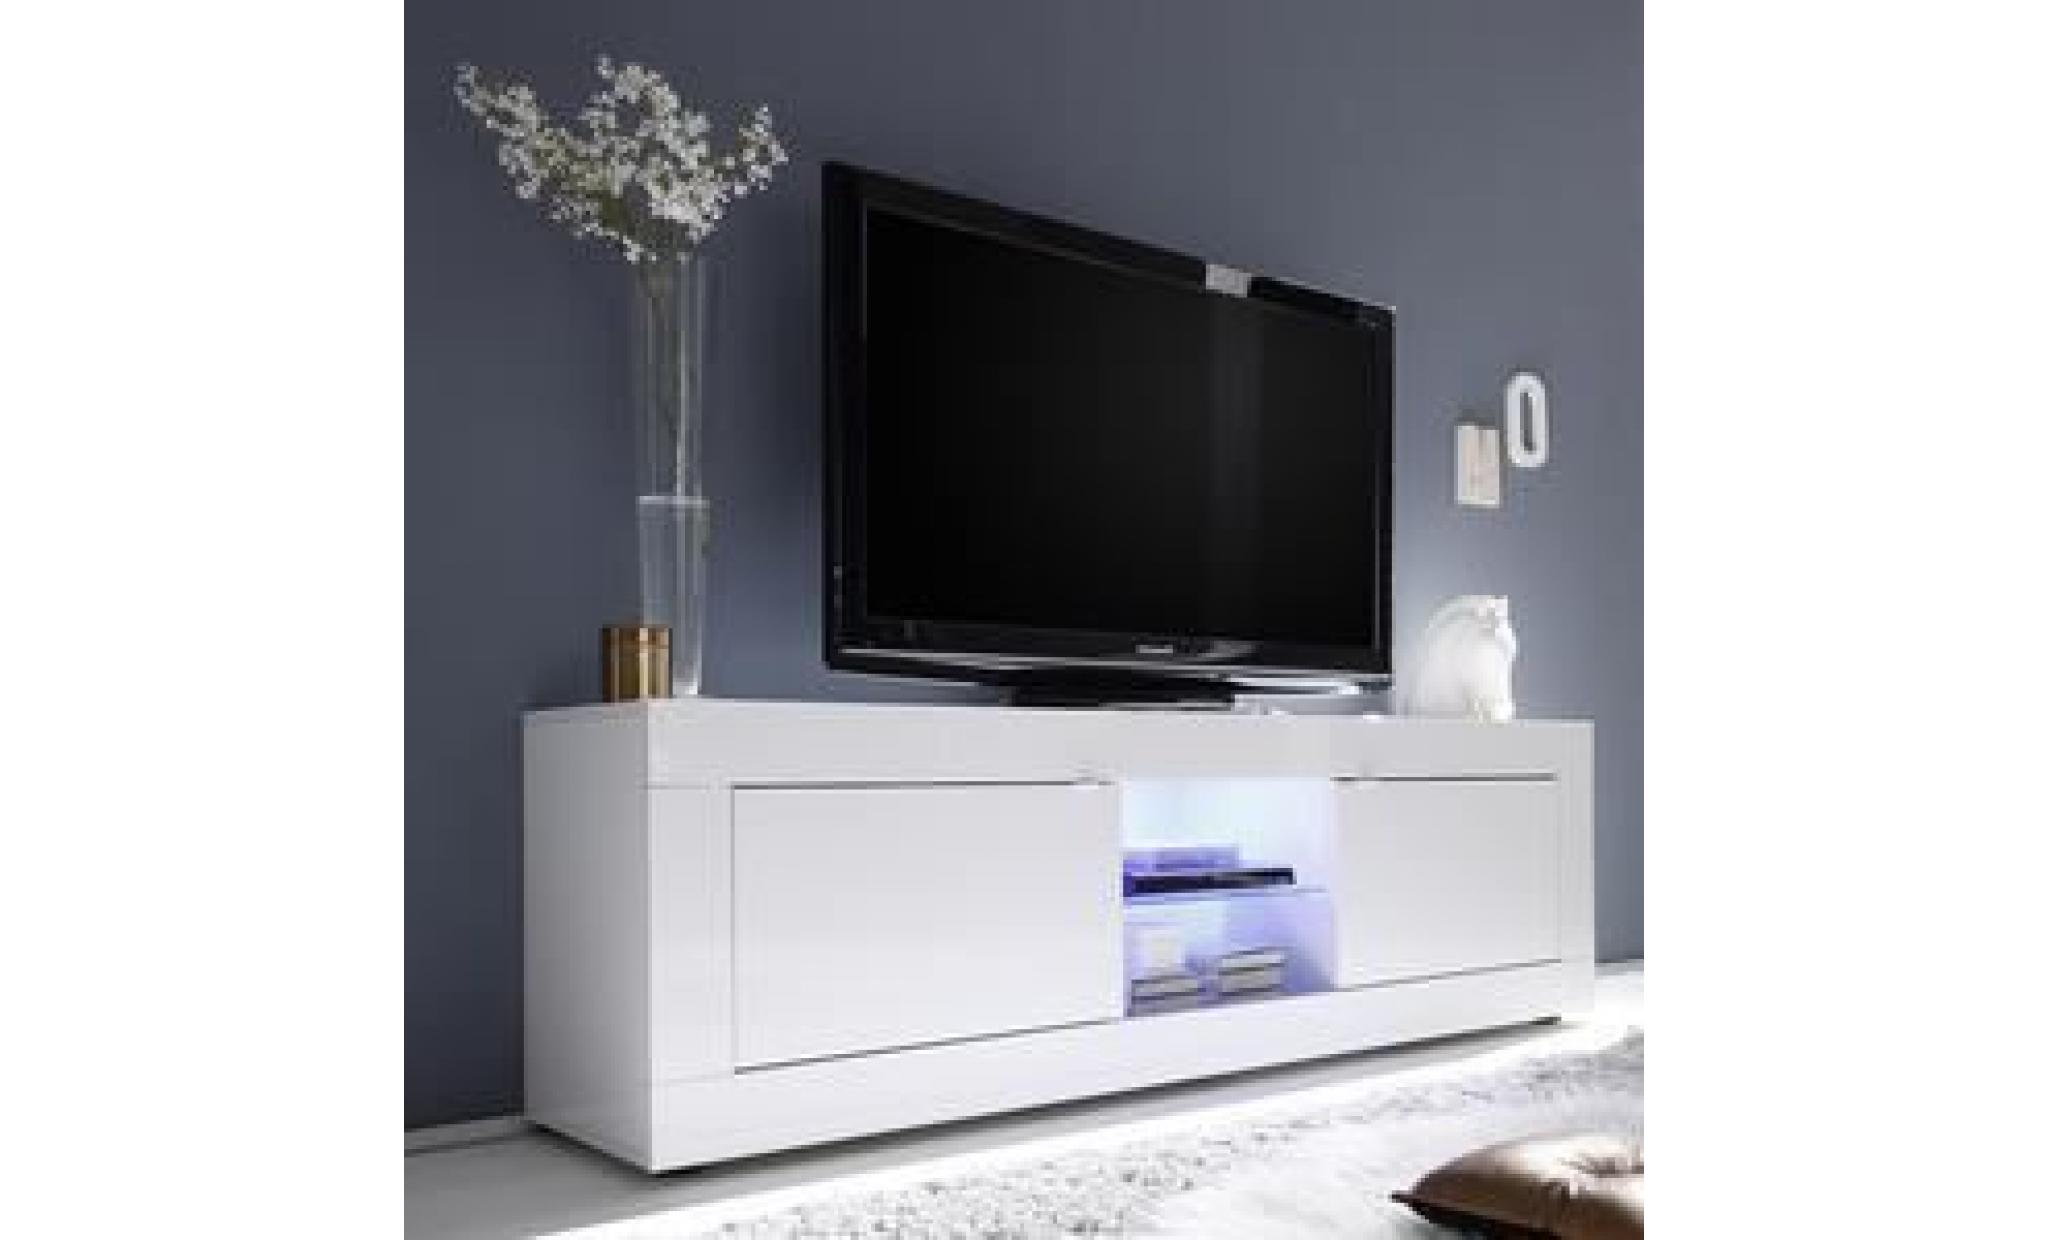 Meuble Tv 180 Cm Blanc Laque Design Focia 2 Sans Eclairage Blanc